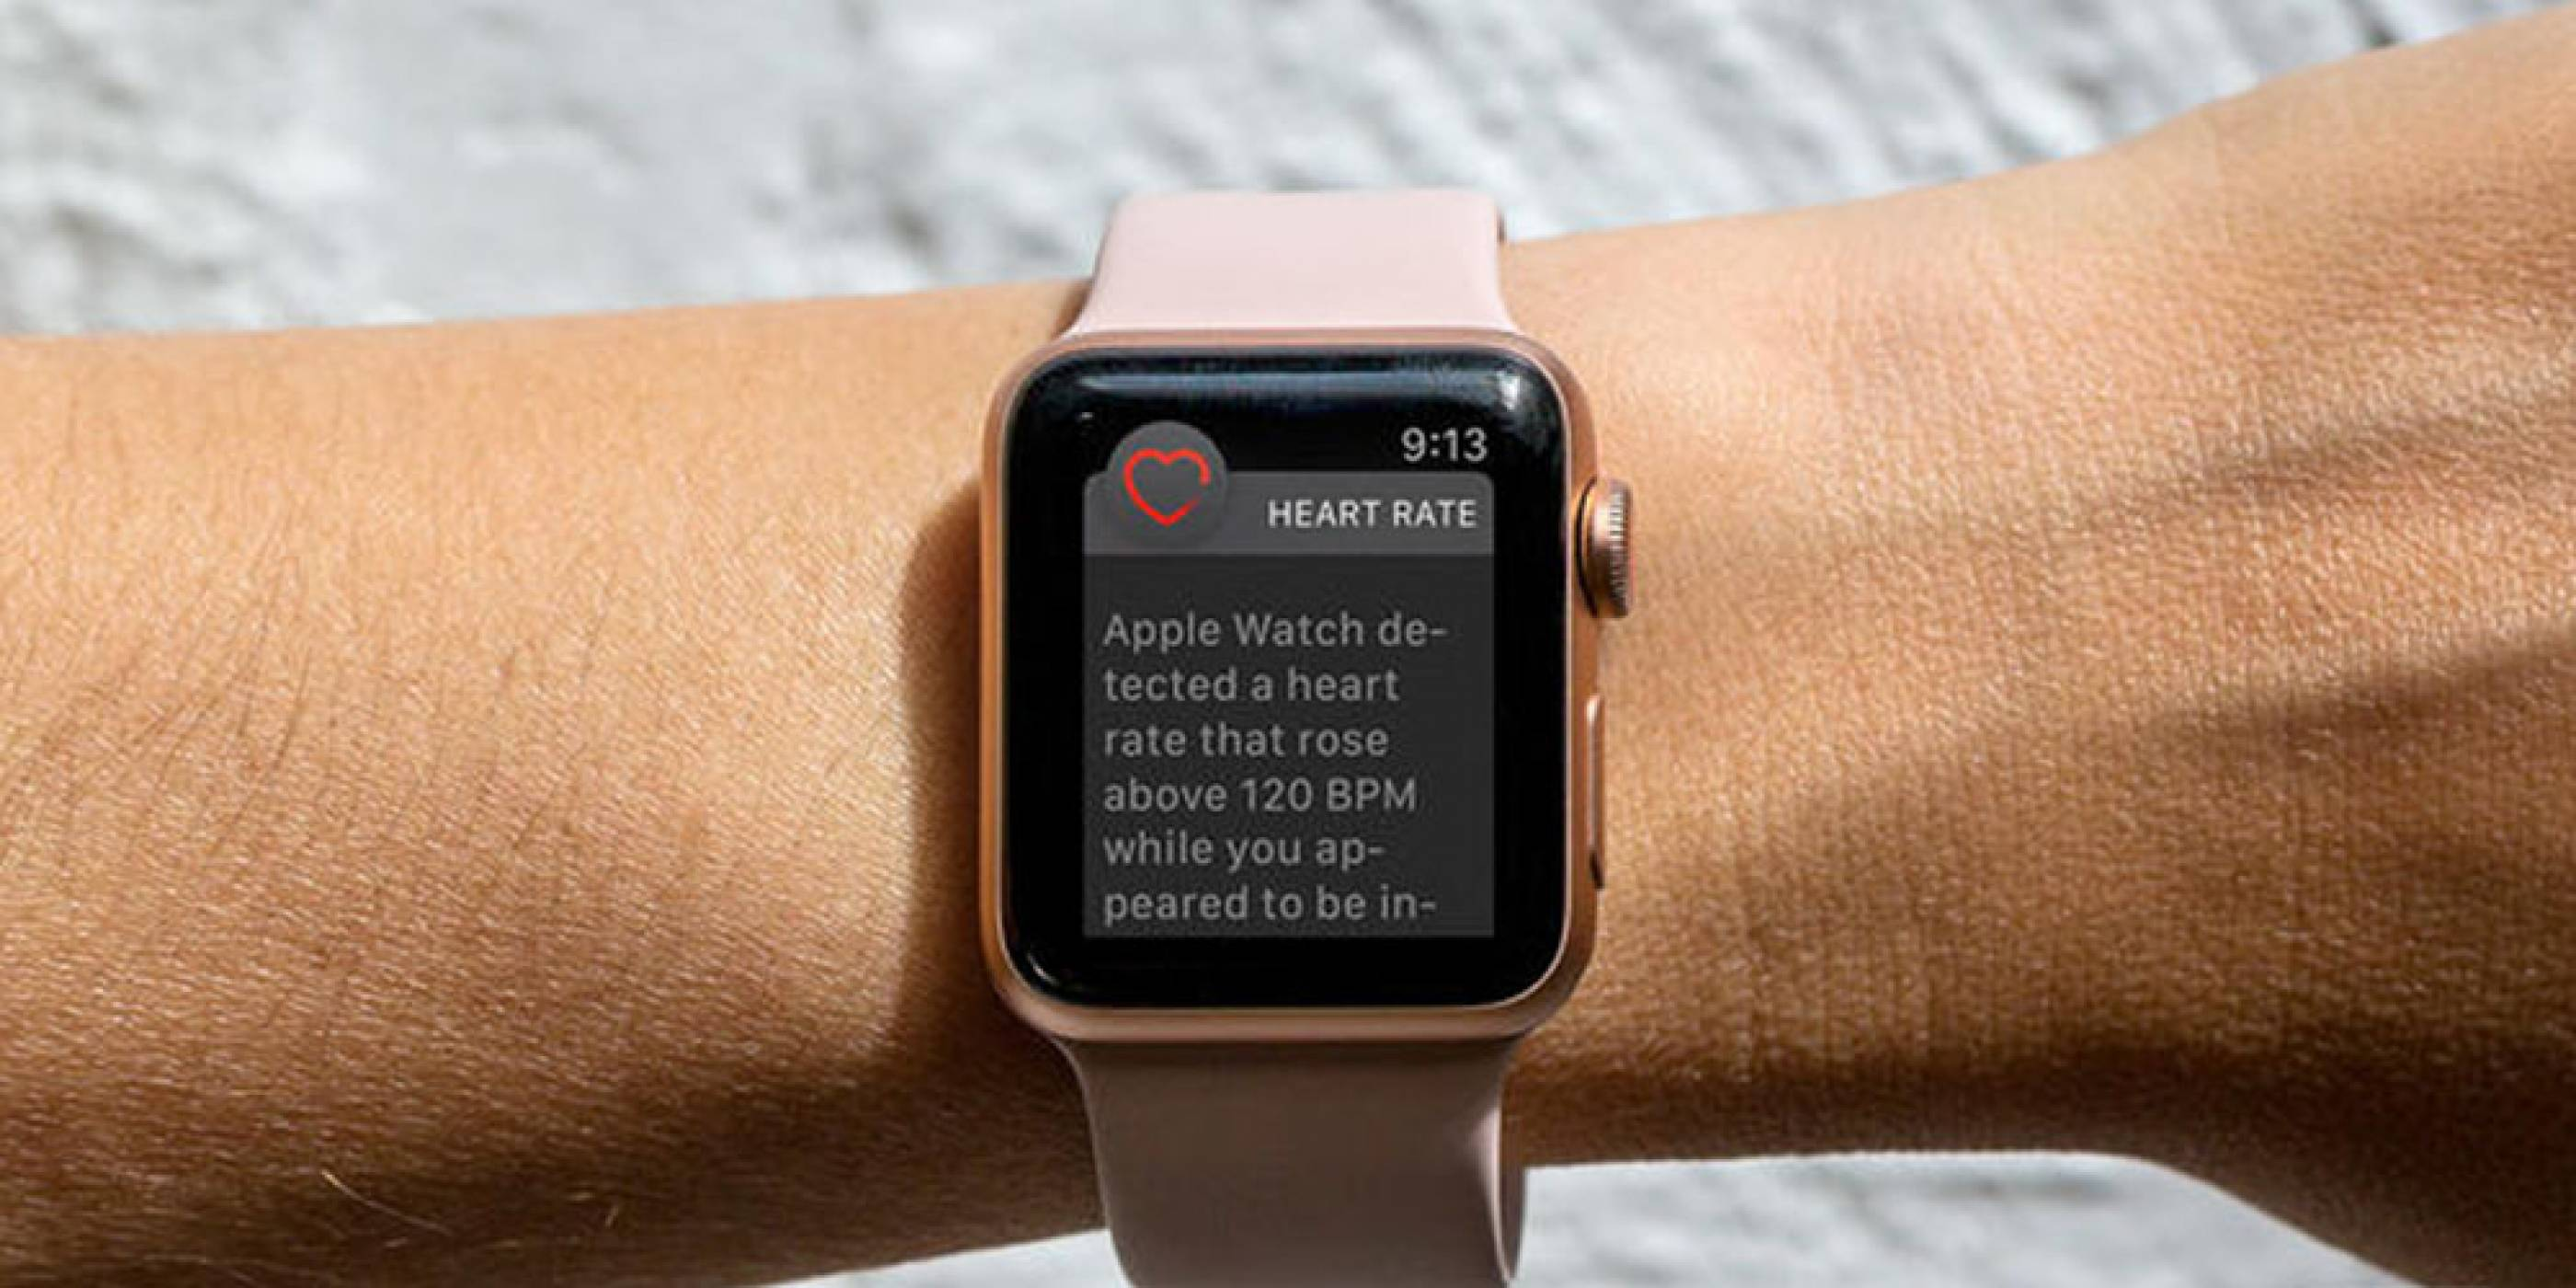 Първият Apple Watch няма да поддържа някои функции на WatchOS 4